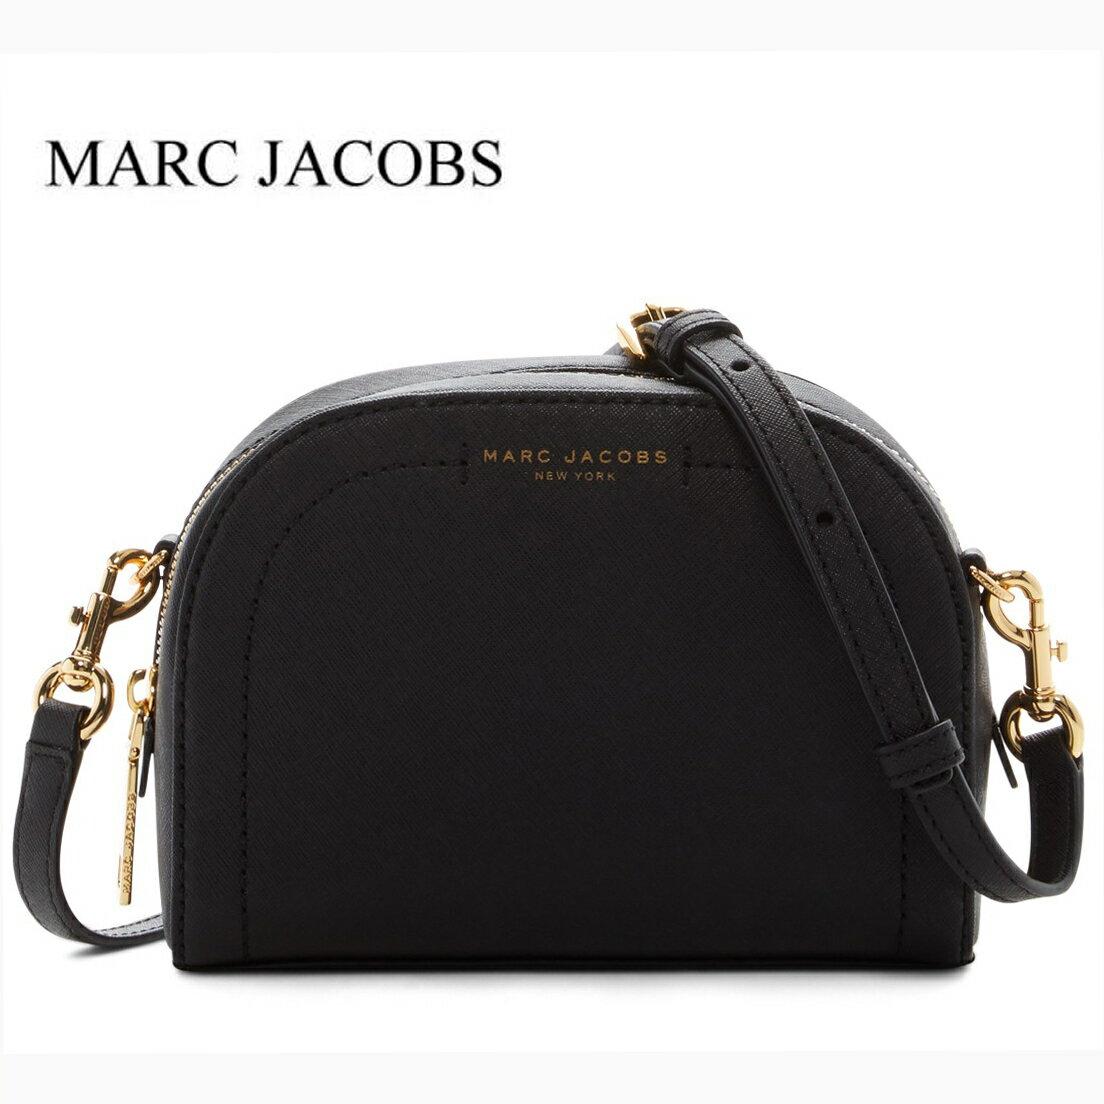 マークジェイコブス レザー クロスボディバッグ ショルダーバッグ Marc Jacobs Playback Leather Crossbody Bag